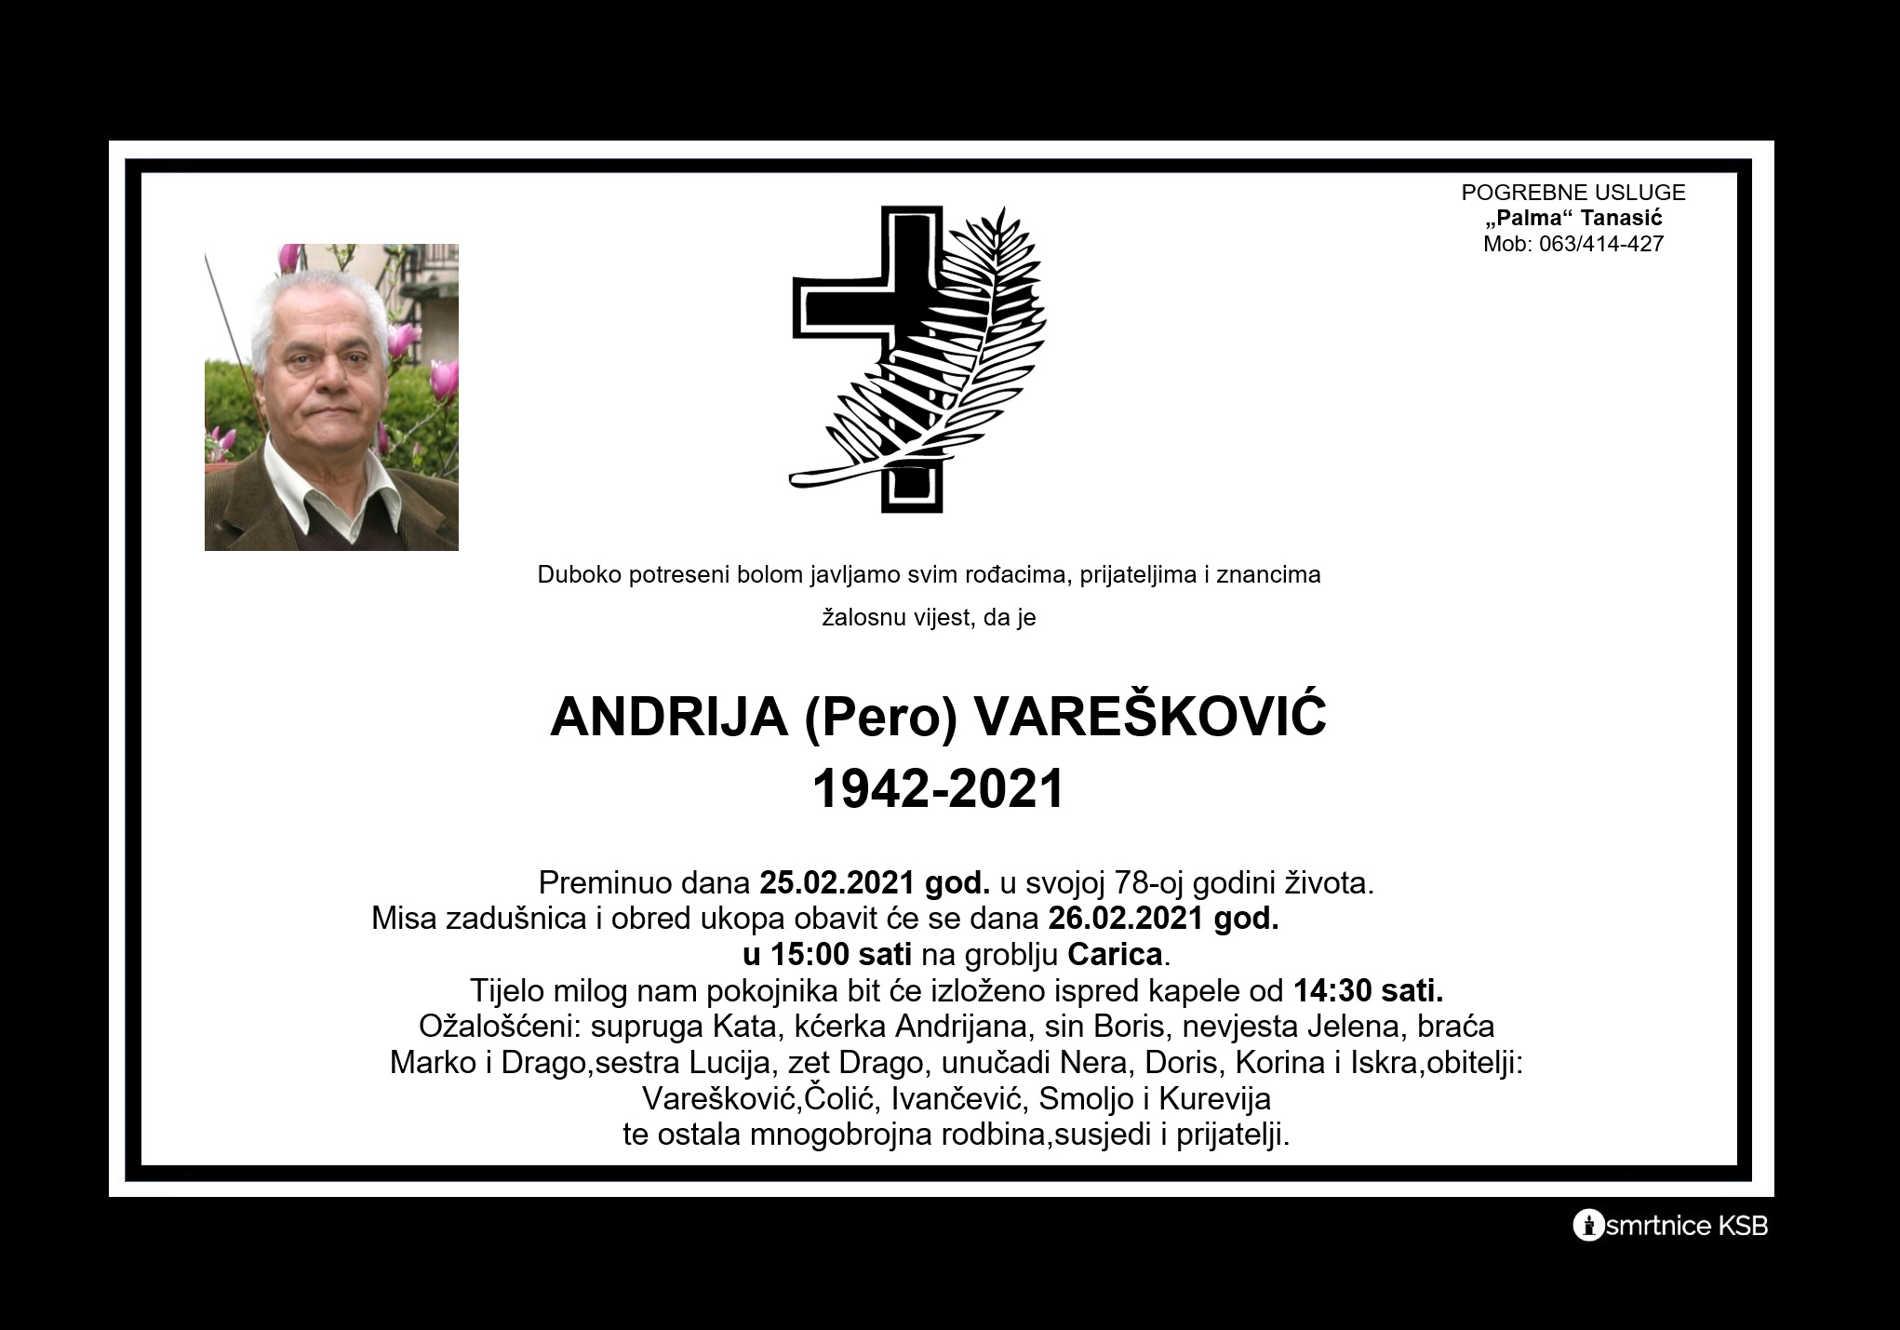 Andrija (Pero) Varešković